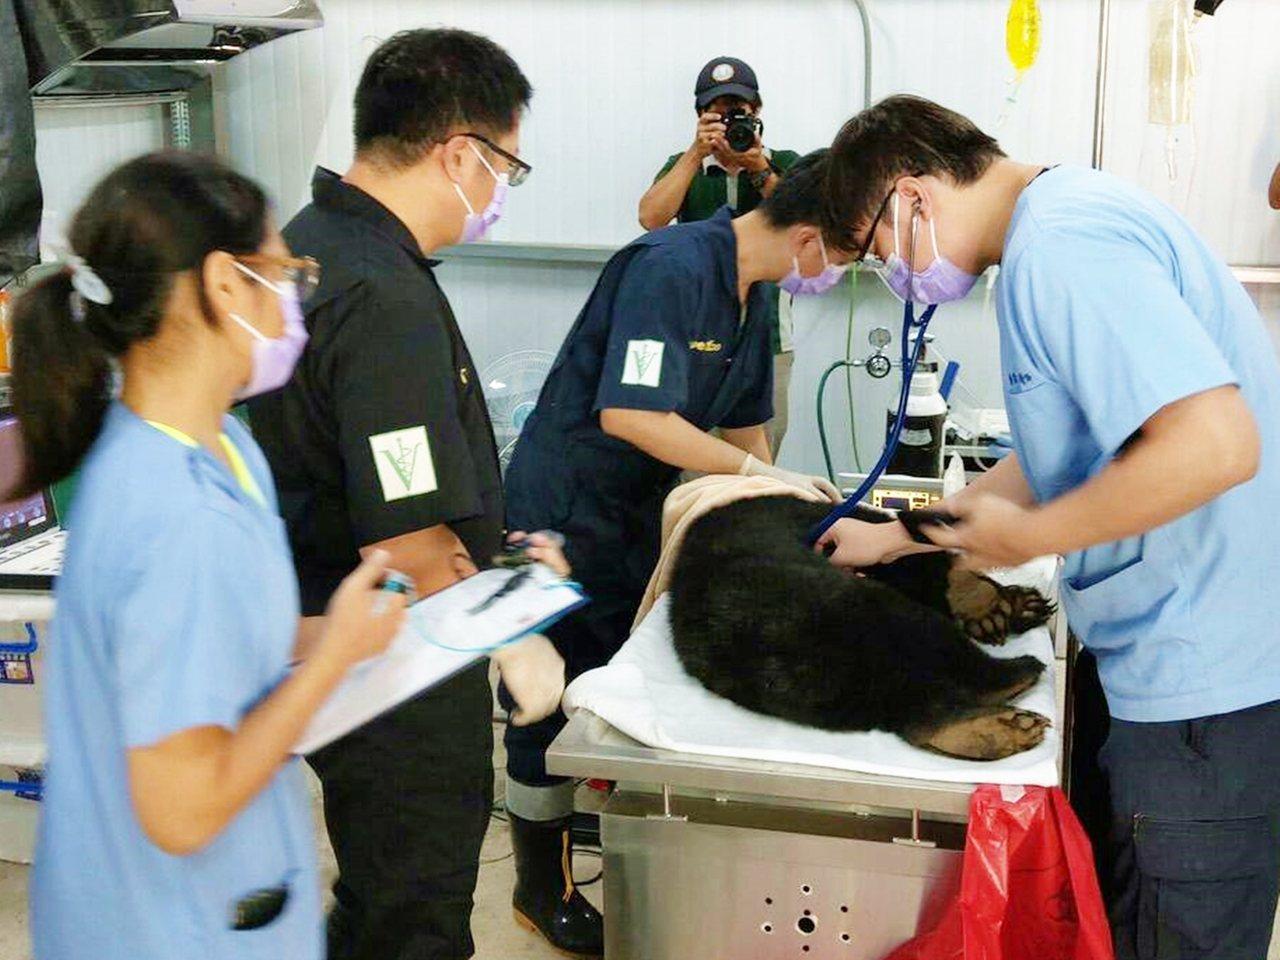 利稻小熊經獸醫師們會診,確認是隻約半歲到1歲間的小公熊。記者羅紹平/翻攝